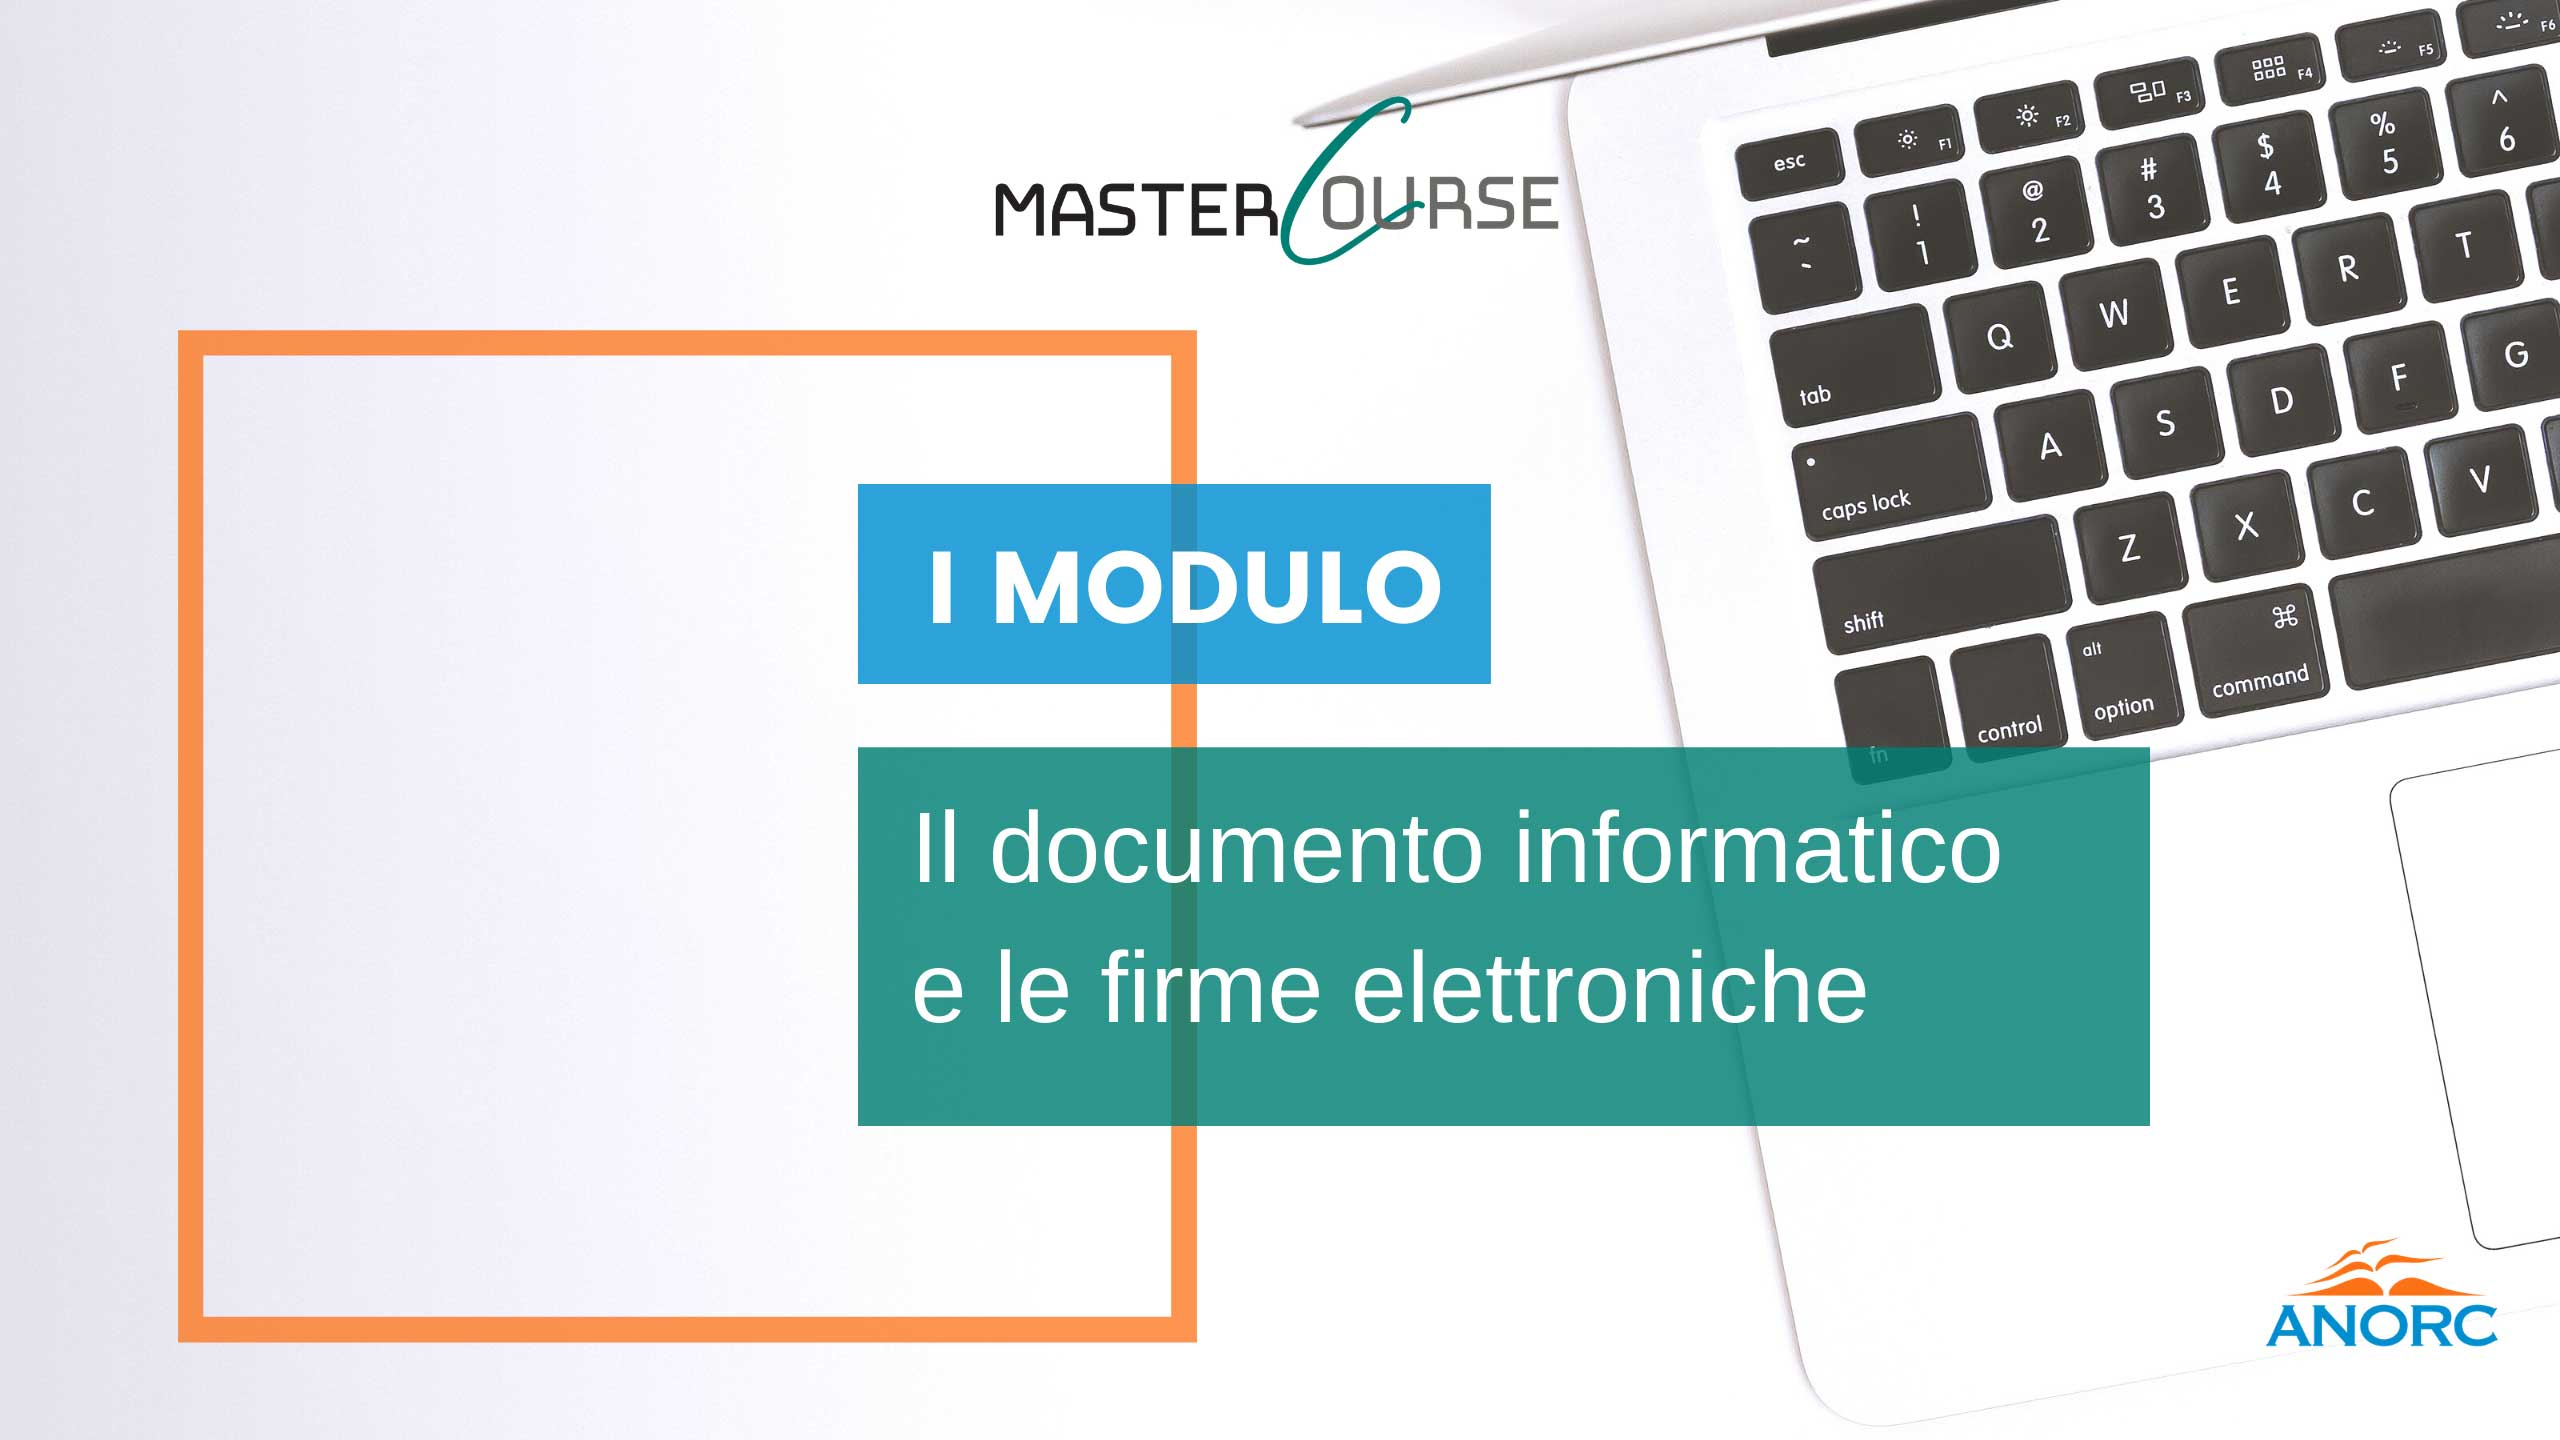 2^ giornata 26 maggio 2021 - Il documento informatico e le firme elettroniche